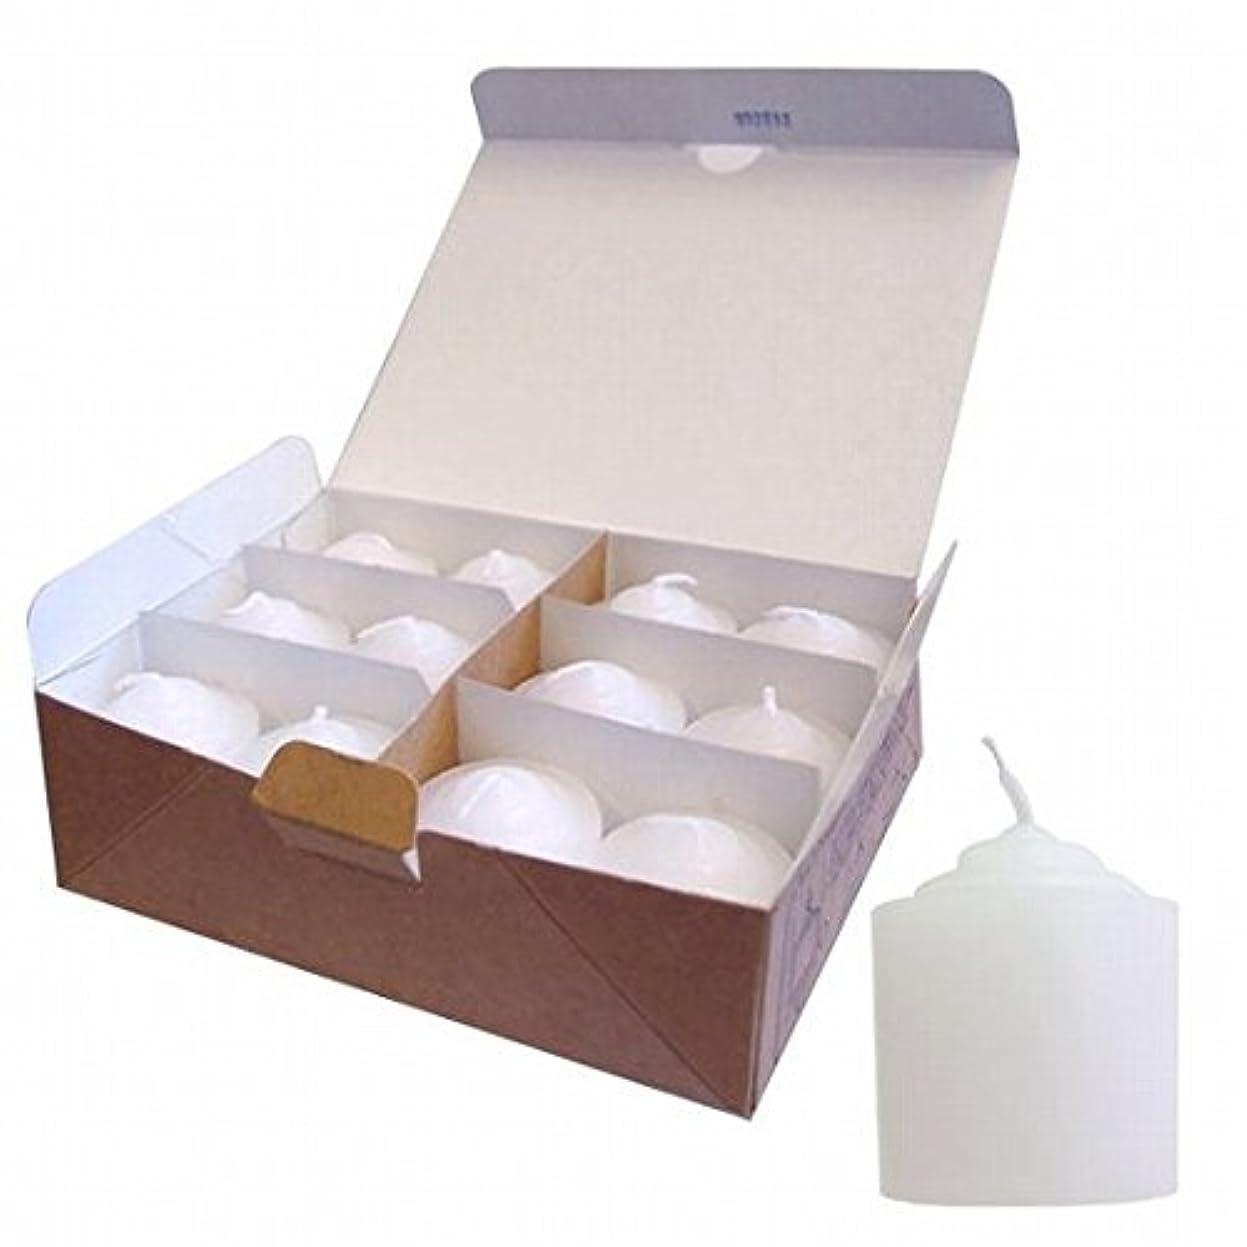 君主ライセンス考慮kameyama candle(カメヤマキャンドル) 8Hライト(8時間タイプ)12個入り(77960088)